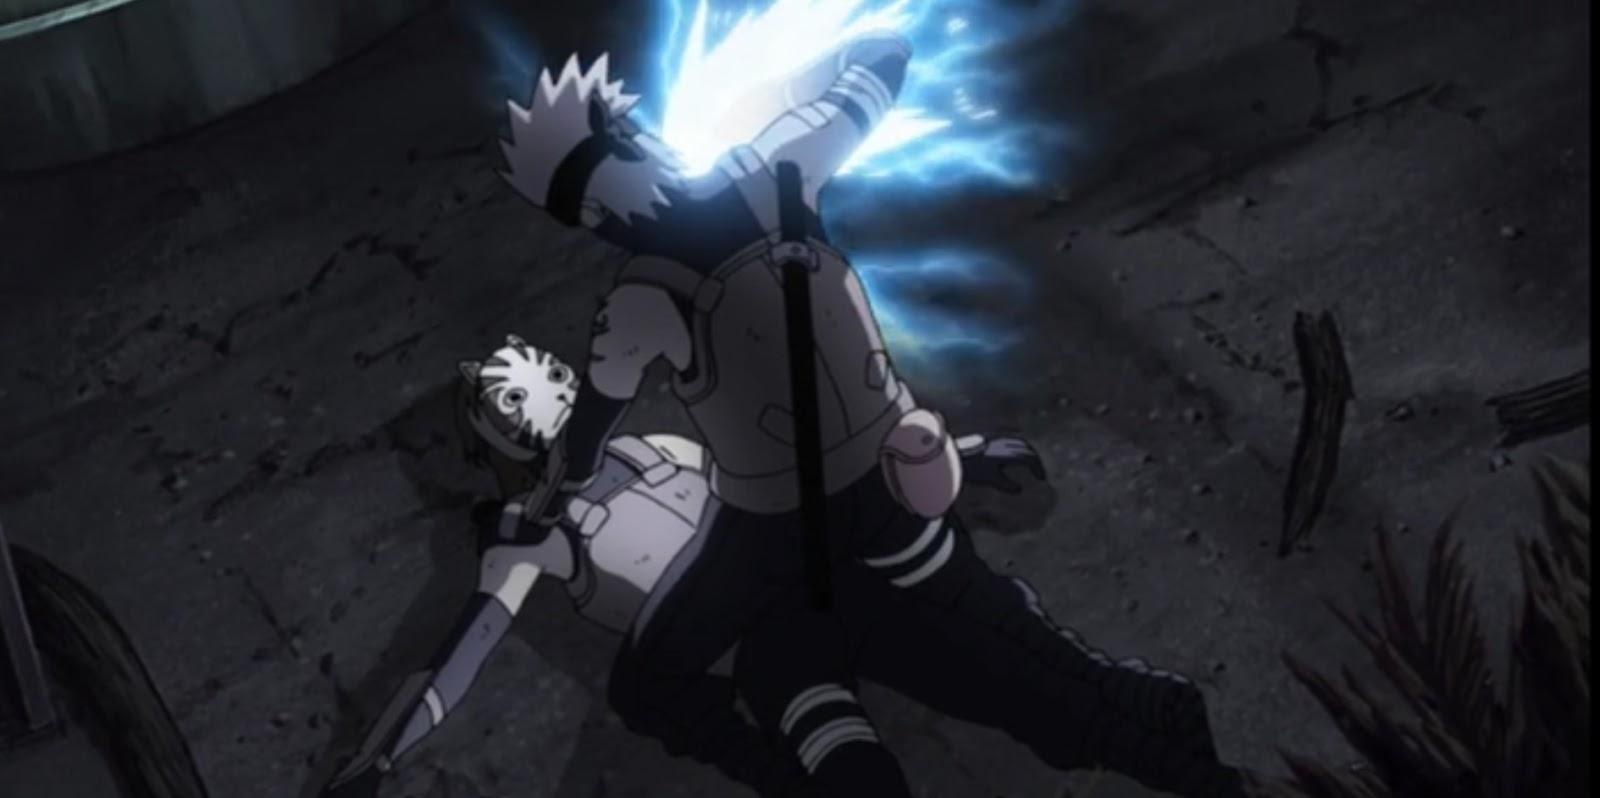 Naruto Shippuden Episódio 355, Assistir Naruto Shippuden Episódio 355, Assistir Naruto Shippuden Todos os Episódios Legendado, Naruto Shippuden episódio 355,HD